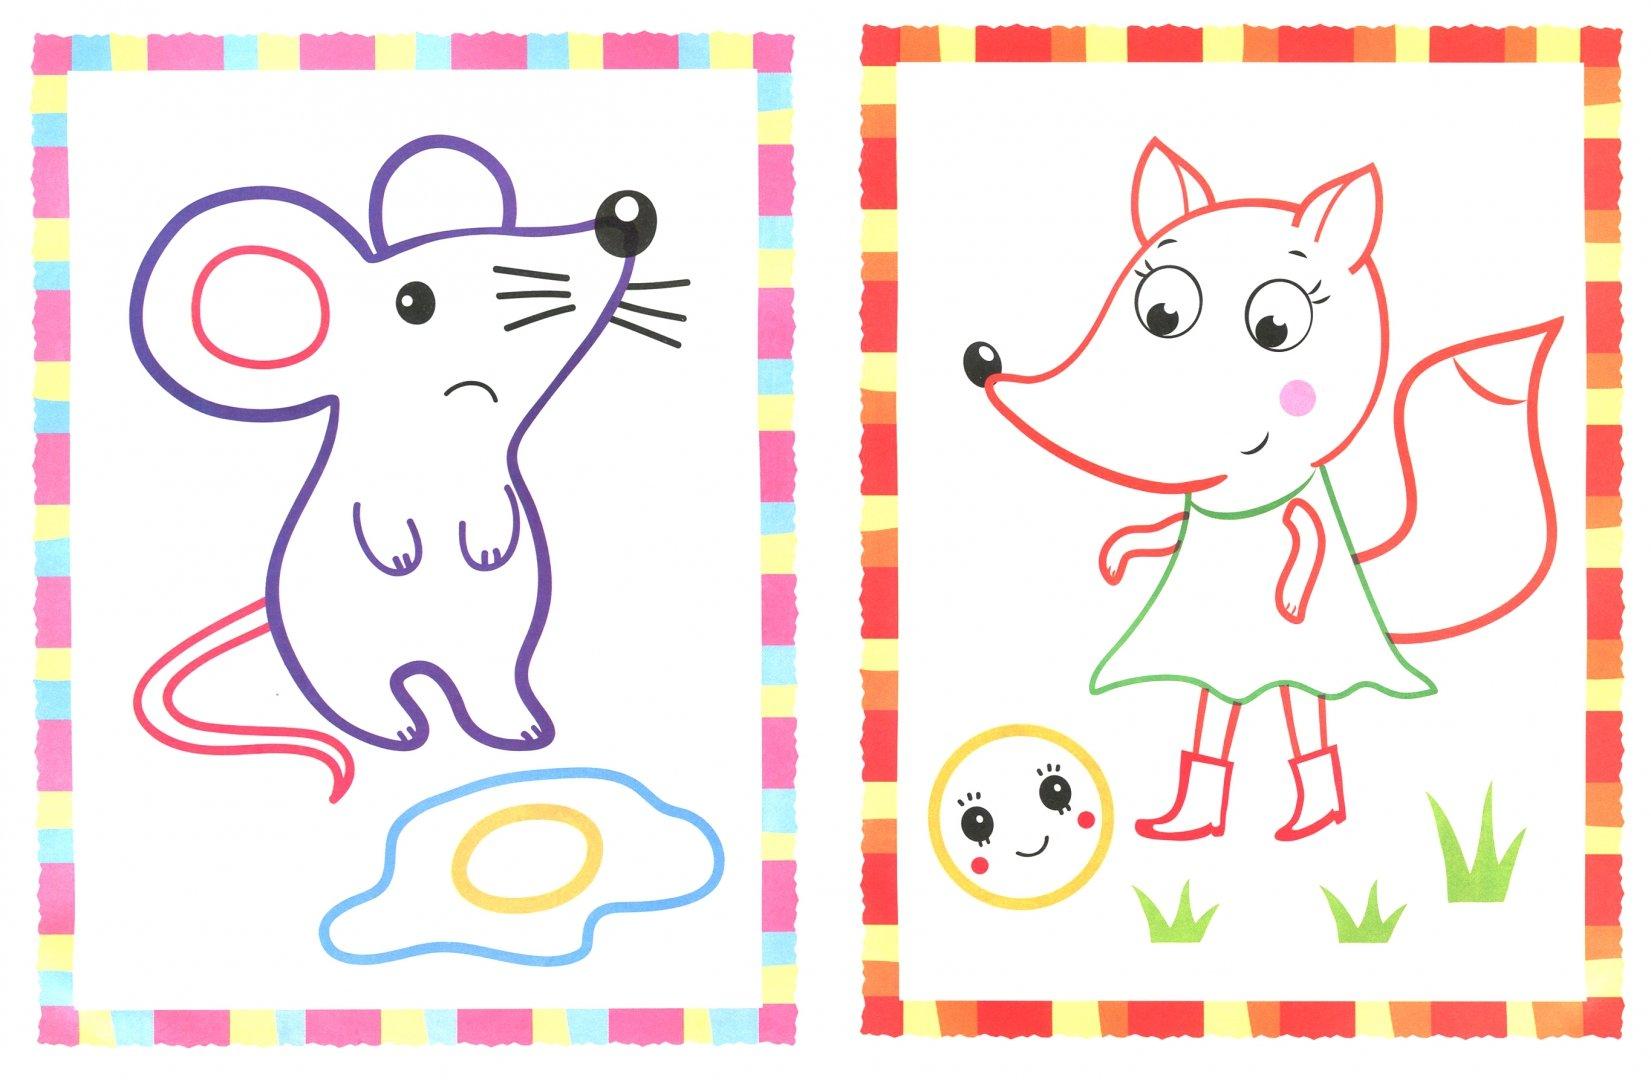 Картинки для раскрашивания с цветным контуром